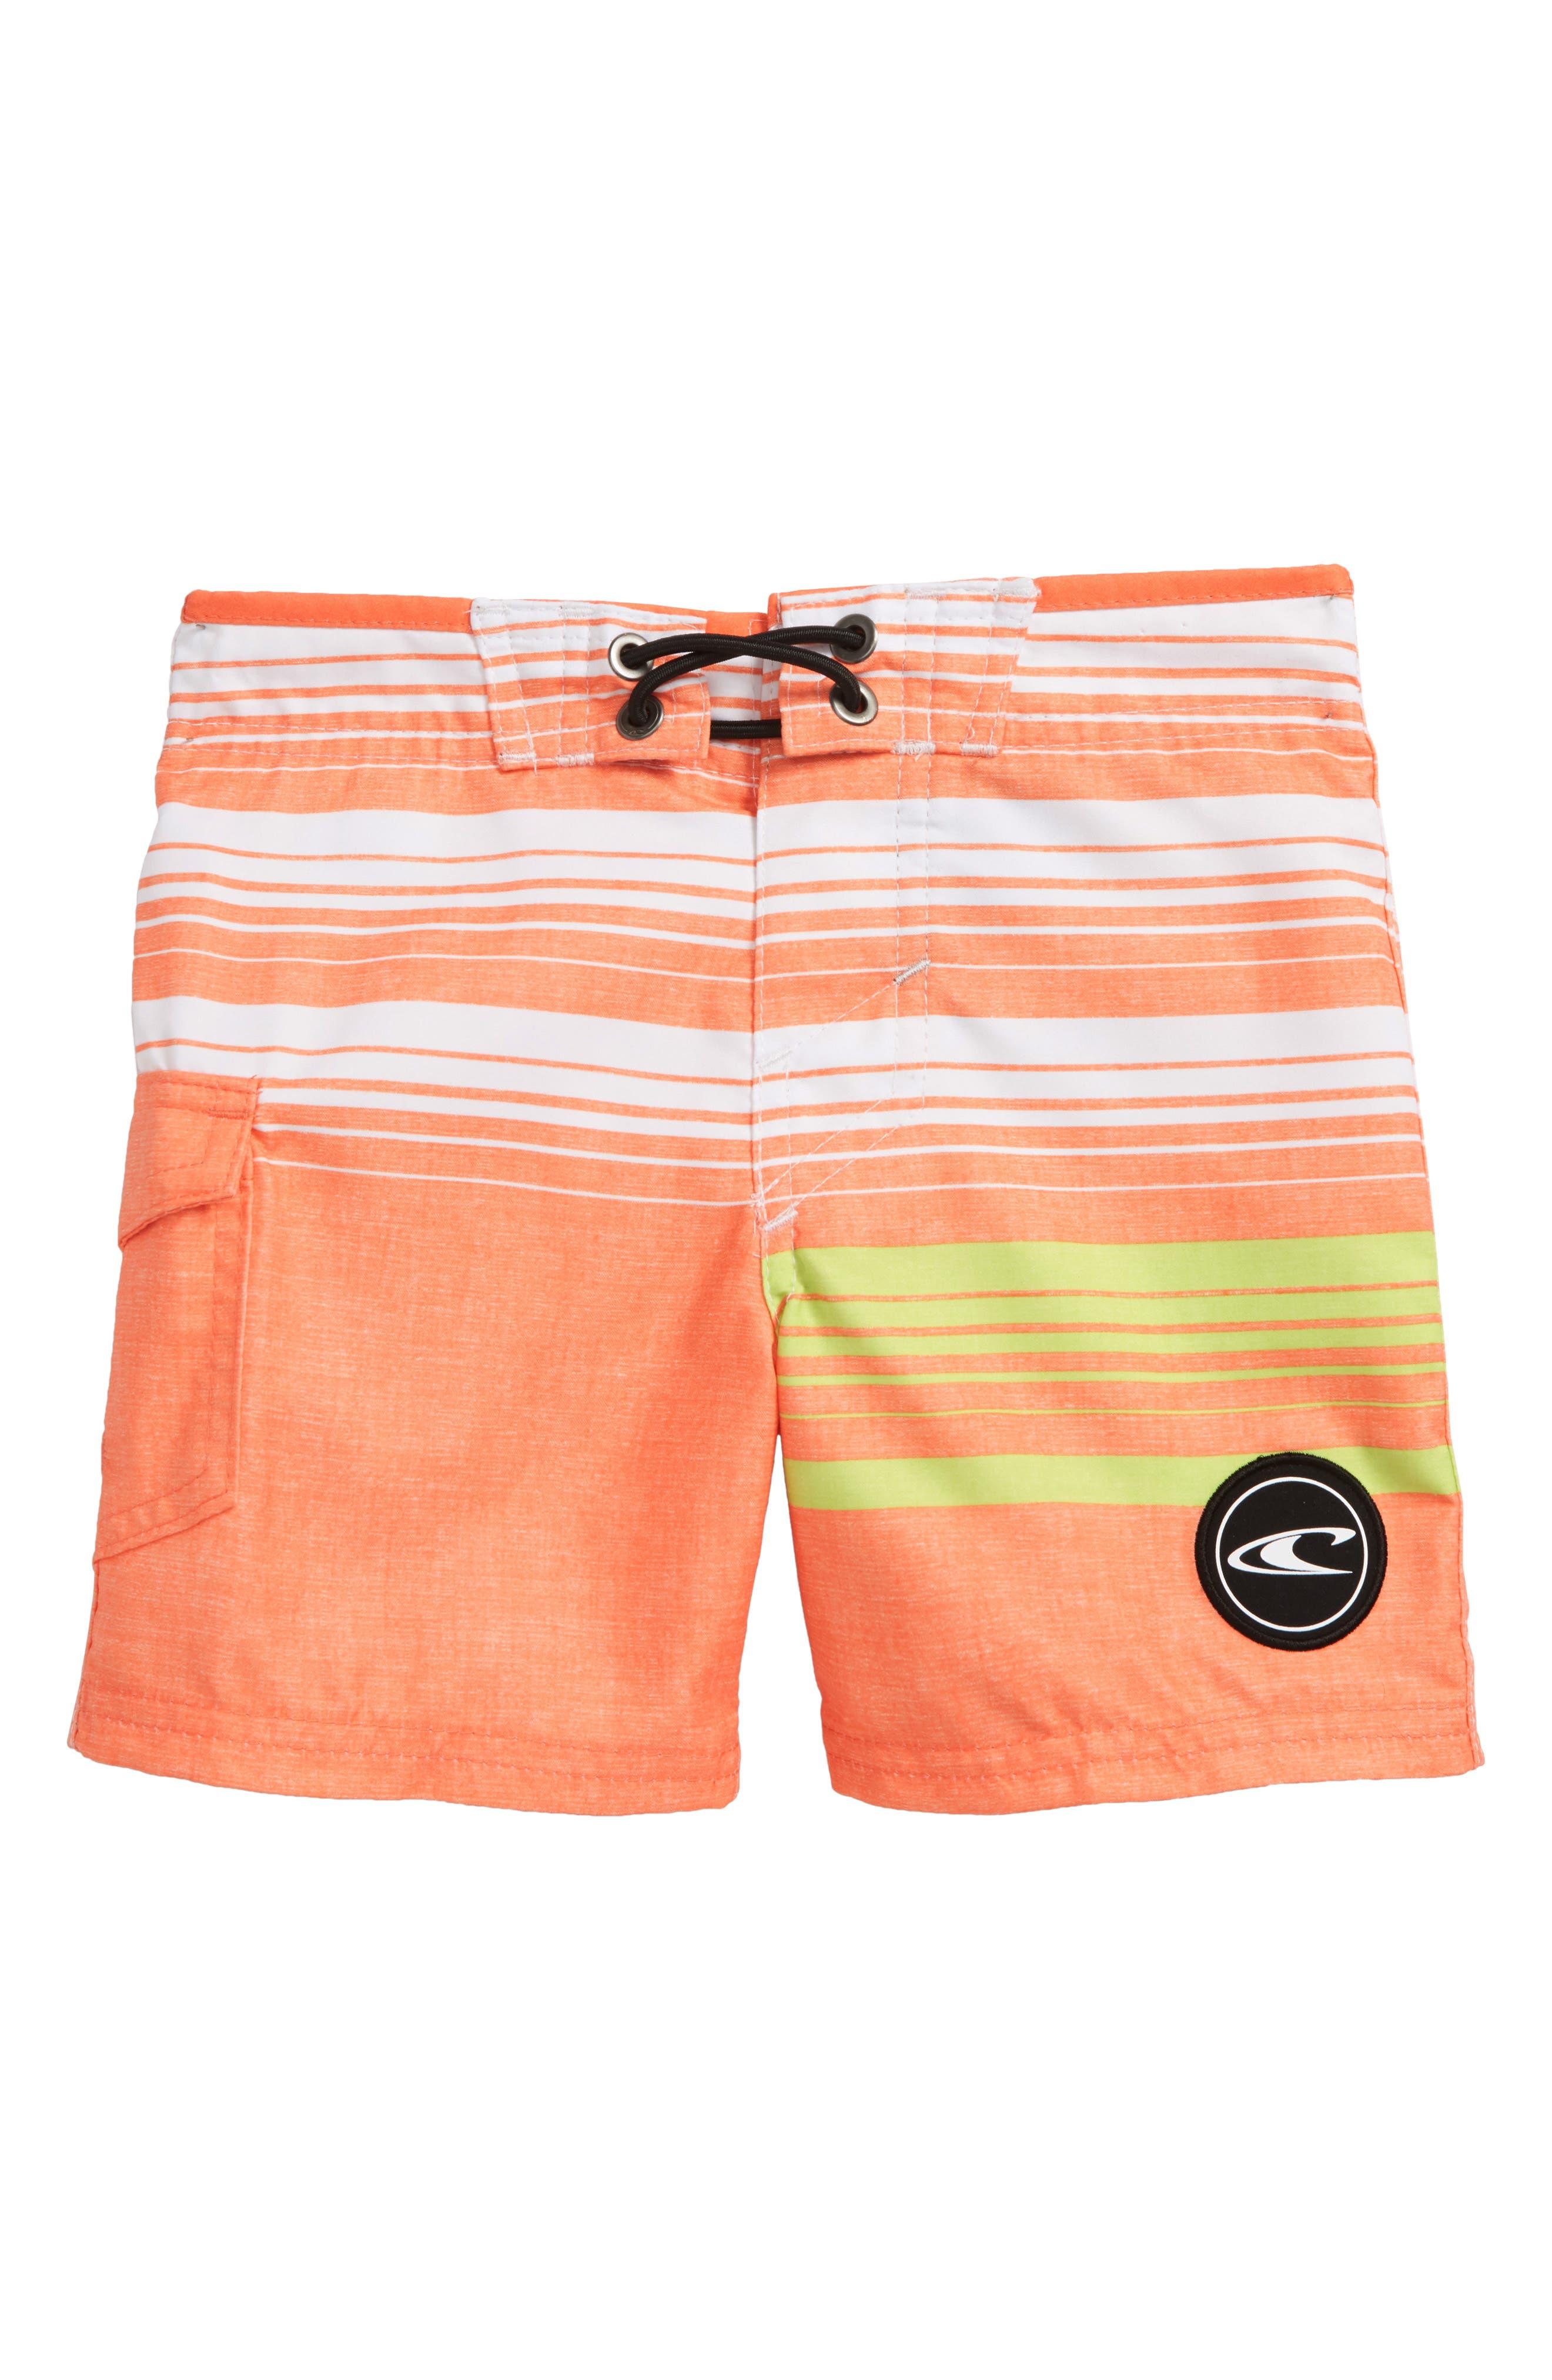 Bennett Board Shorts,                         Main,                         color, Orange